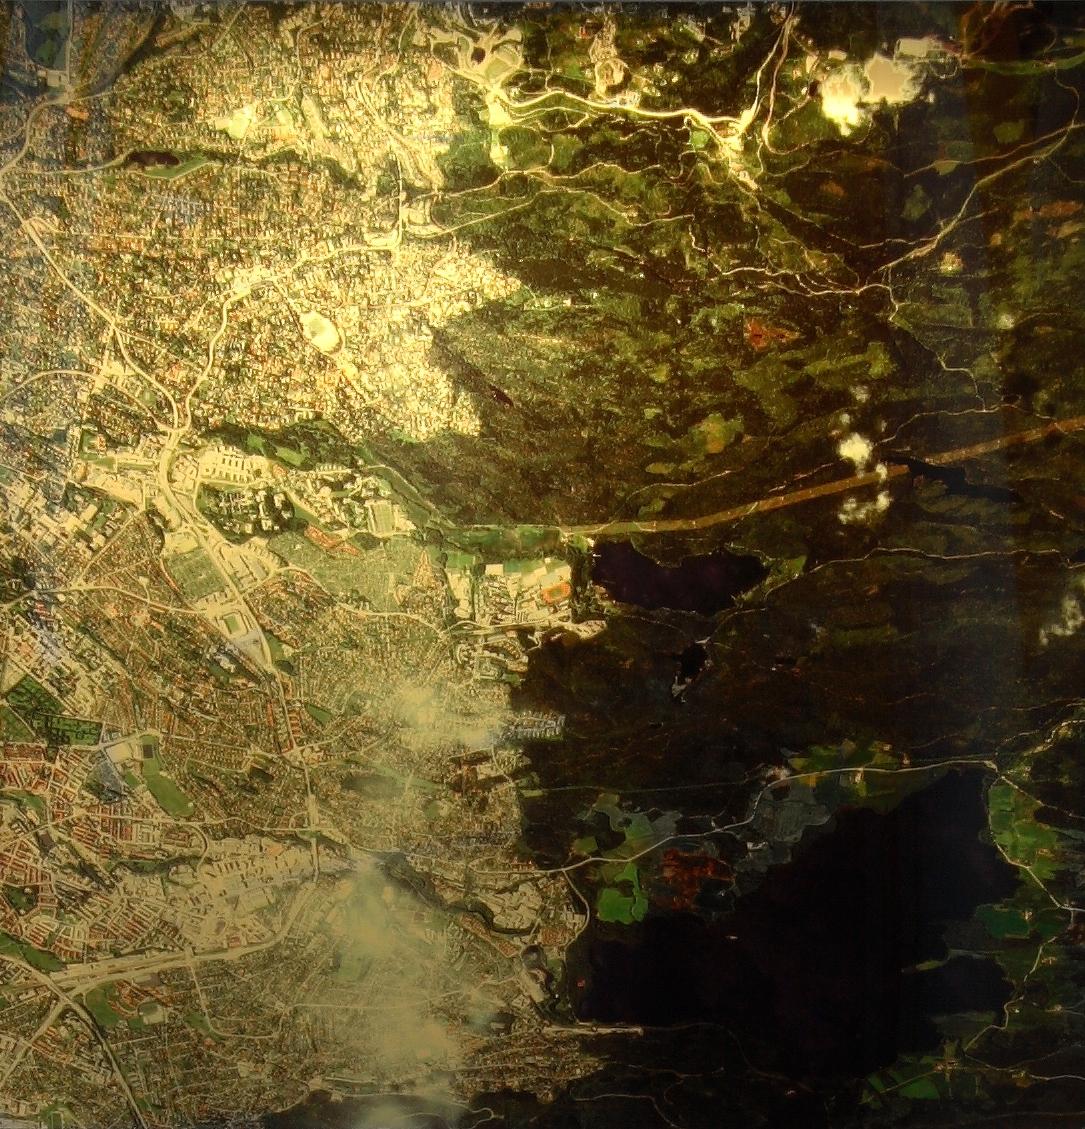 """Med et satellittfoto av Riksarkivet som utgangspunkt, har kunstneren tatt tak i forholdet mellom analog og digital informasjon; mellom kart og foto. Slik tematiserer han det historiske skillet som har oppstått i det Riksarkivet går over fra analoge til digitale lagringsverktøy. Kunstneren bestilte et """"foto""""/ """"datasett"""" fra satellitten Quickbird som beveger seg 450 kilometer unna. Fra dette datasettet har kunstneren utarbeidet seks verk for Riksarkivet. """"3-2-1"""" er ett av disse."""